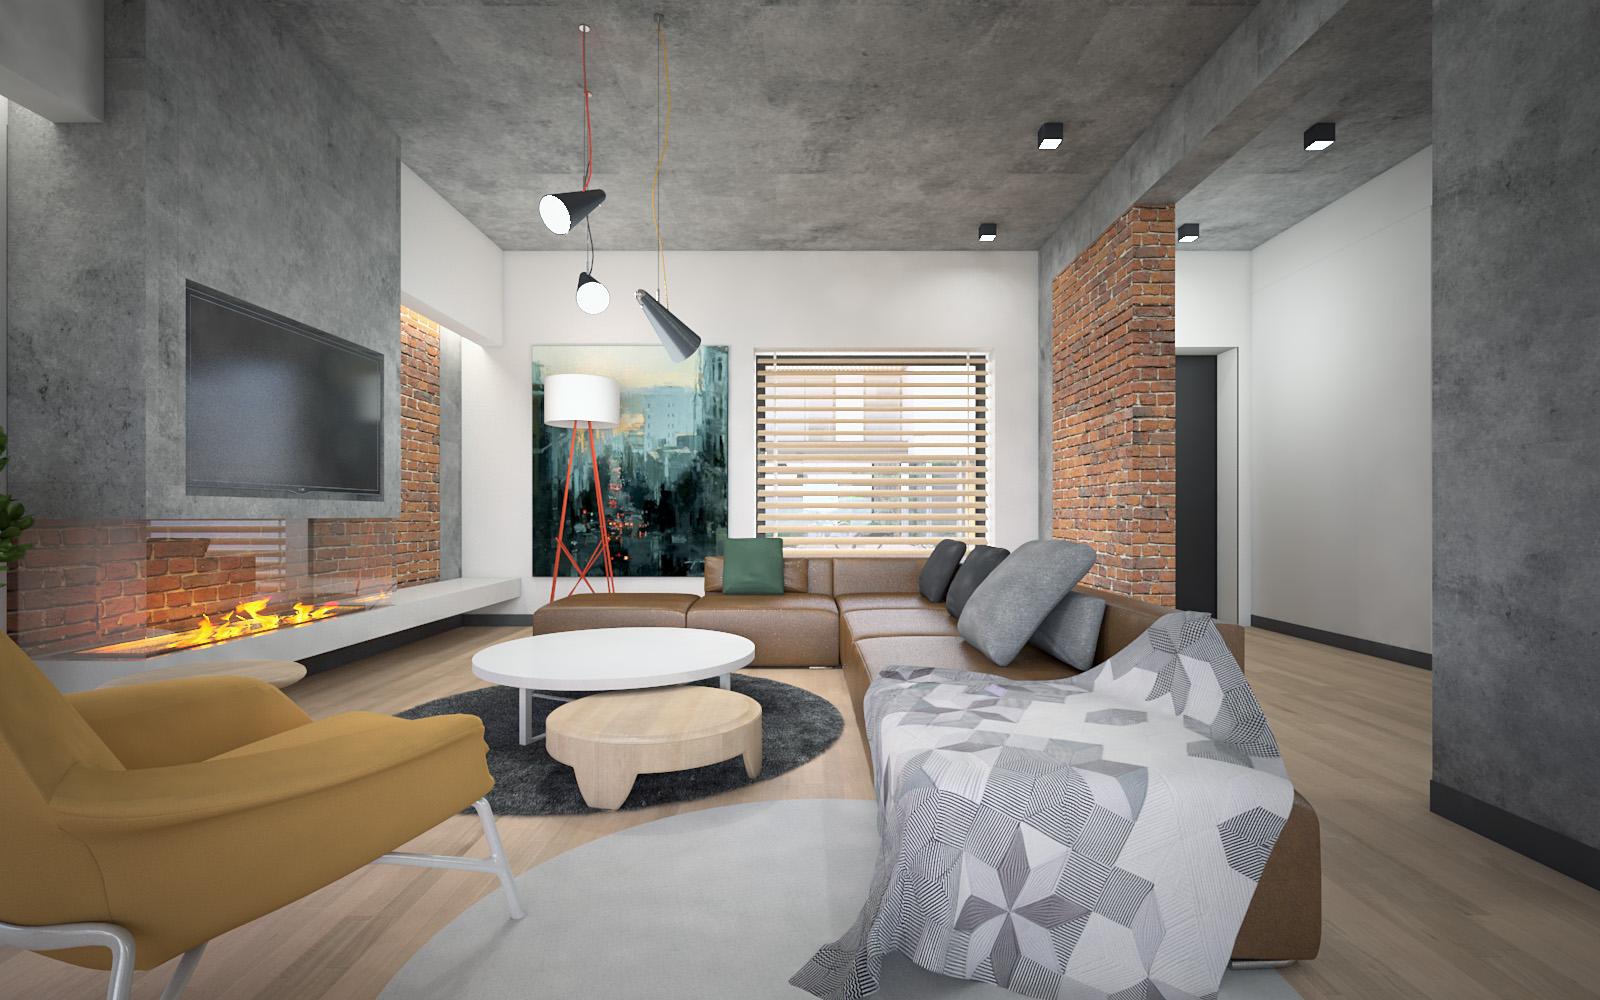 https://nbc-arhitect.ro/wp-content/uploads/2020/10/NBC-Arhitect-_-Arcstil-Residences-_-Romania-_-interior-design-view_3.jpg